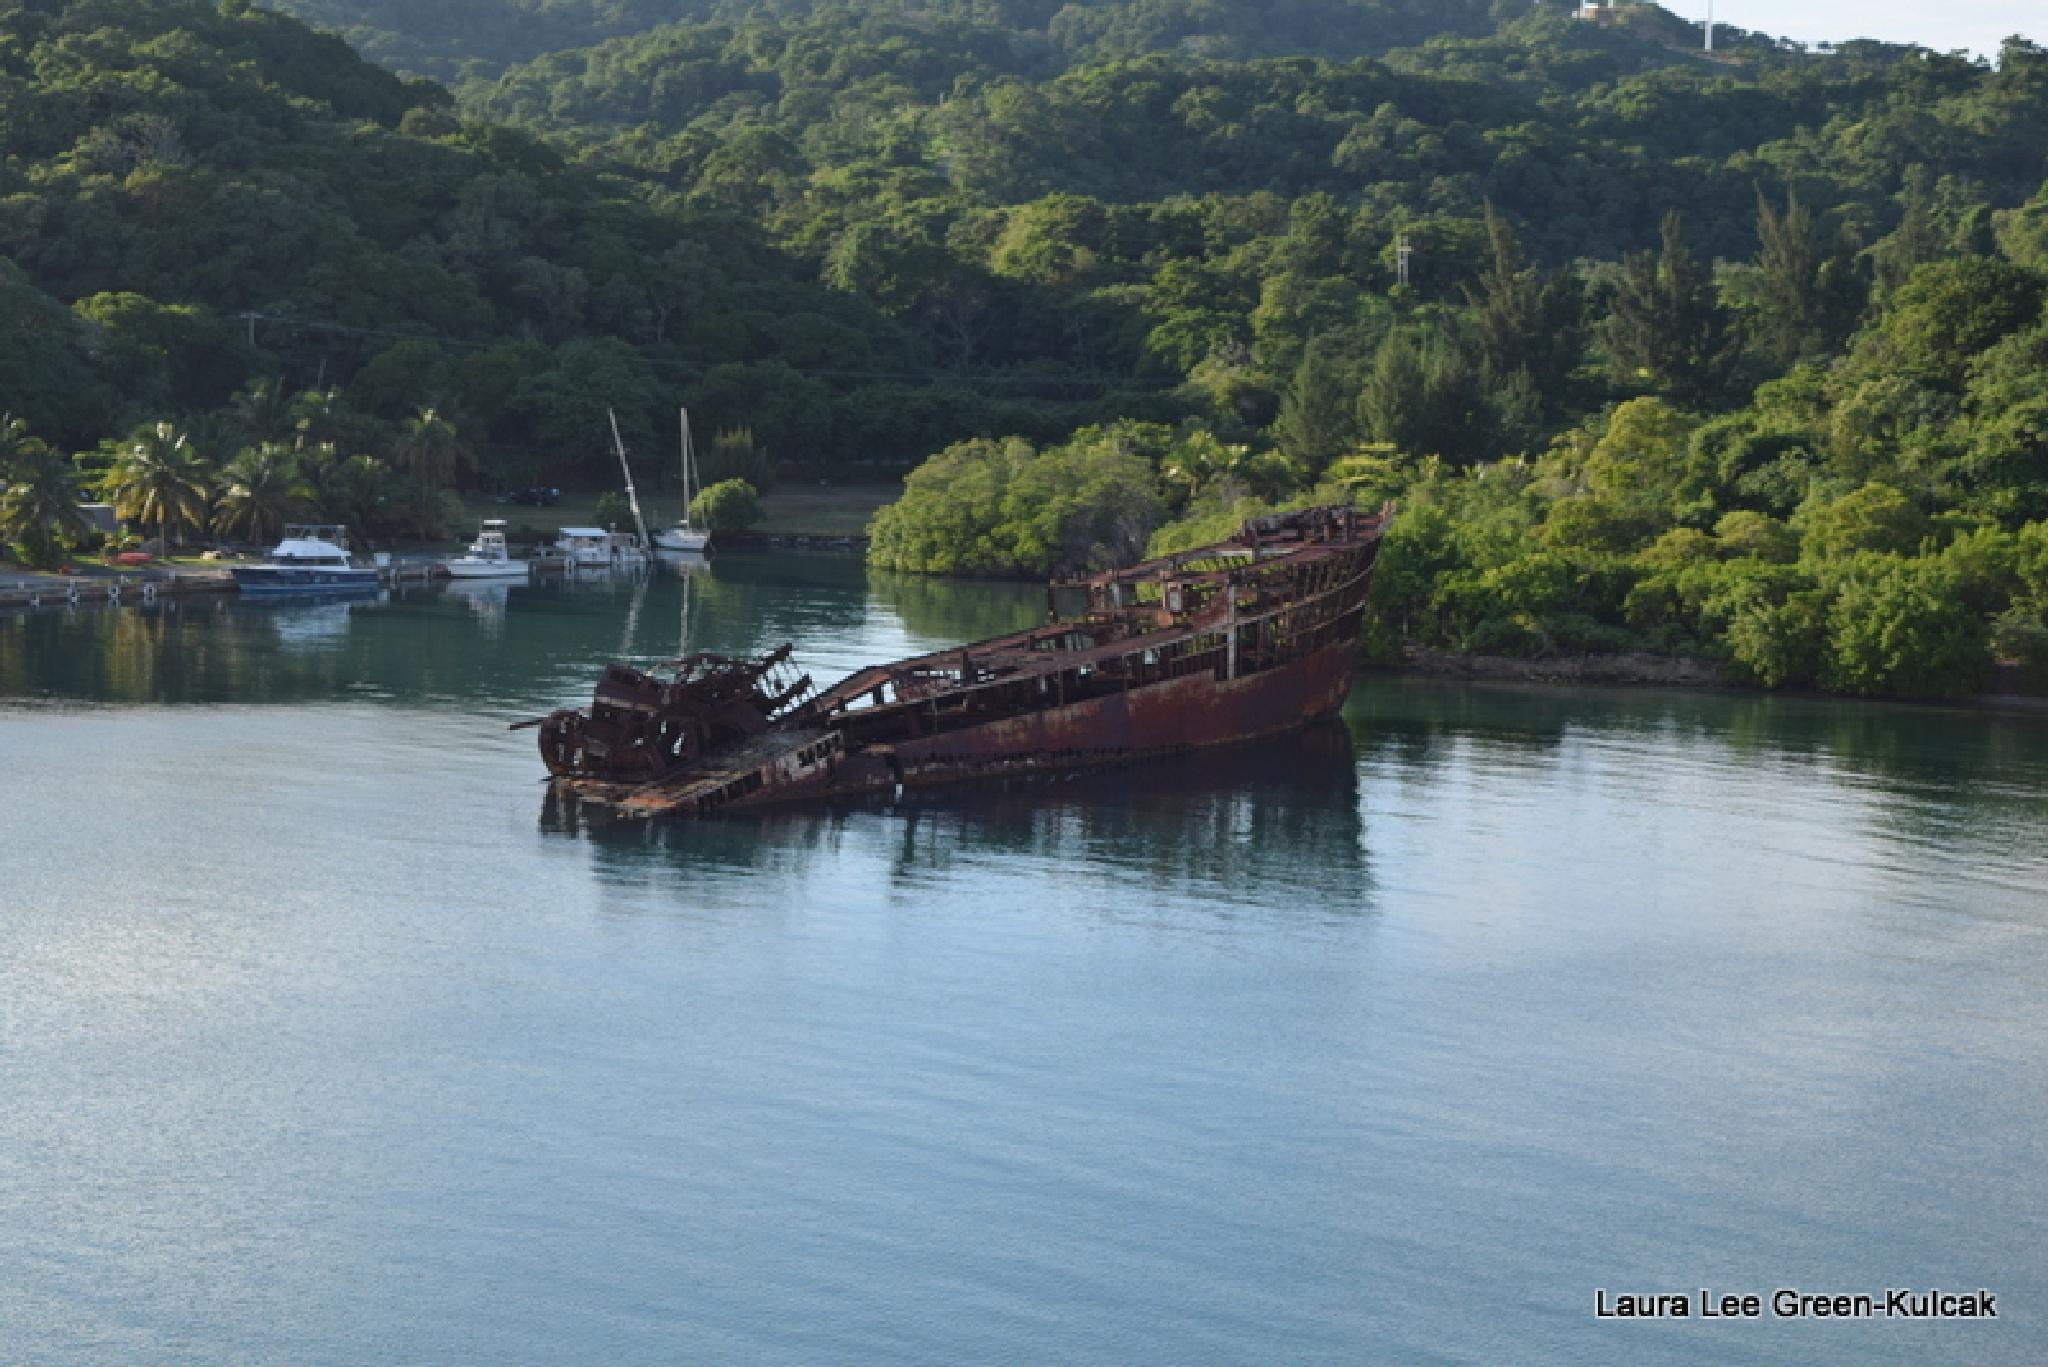 Shipwreak  by Laura Lee Green-Kulcak